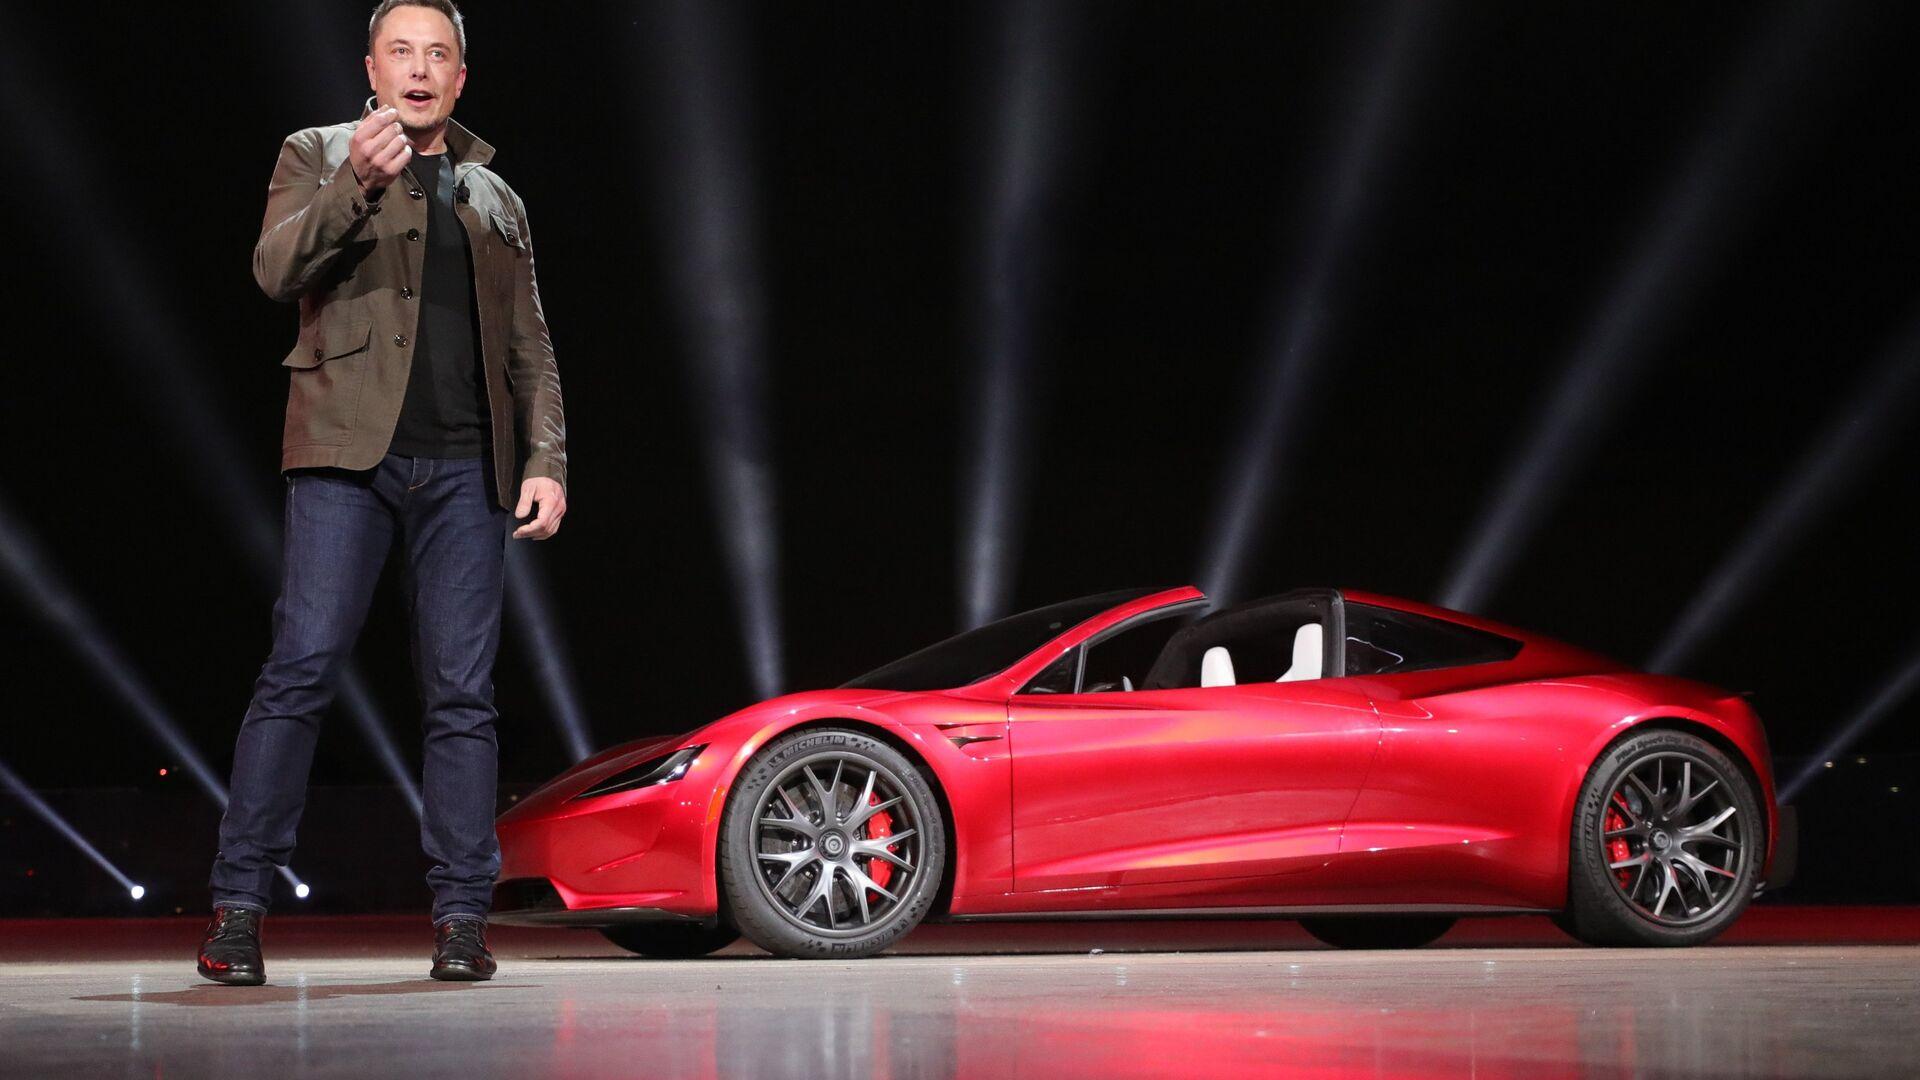 Инженер, предприниматель, изобретатель и инвестор Илон Маск на презентации новинок автомобильного подразделения компании Tesla Motors. 17 ноября 2017 - РИА Новости, 1920, 26.01.2021